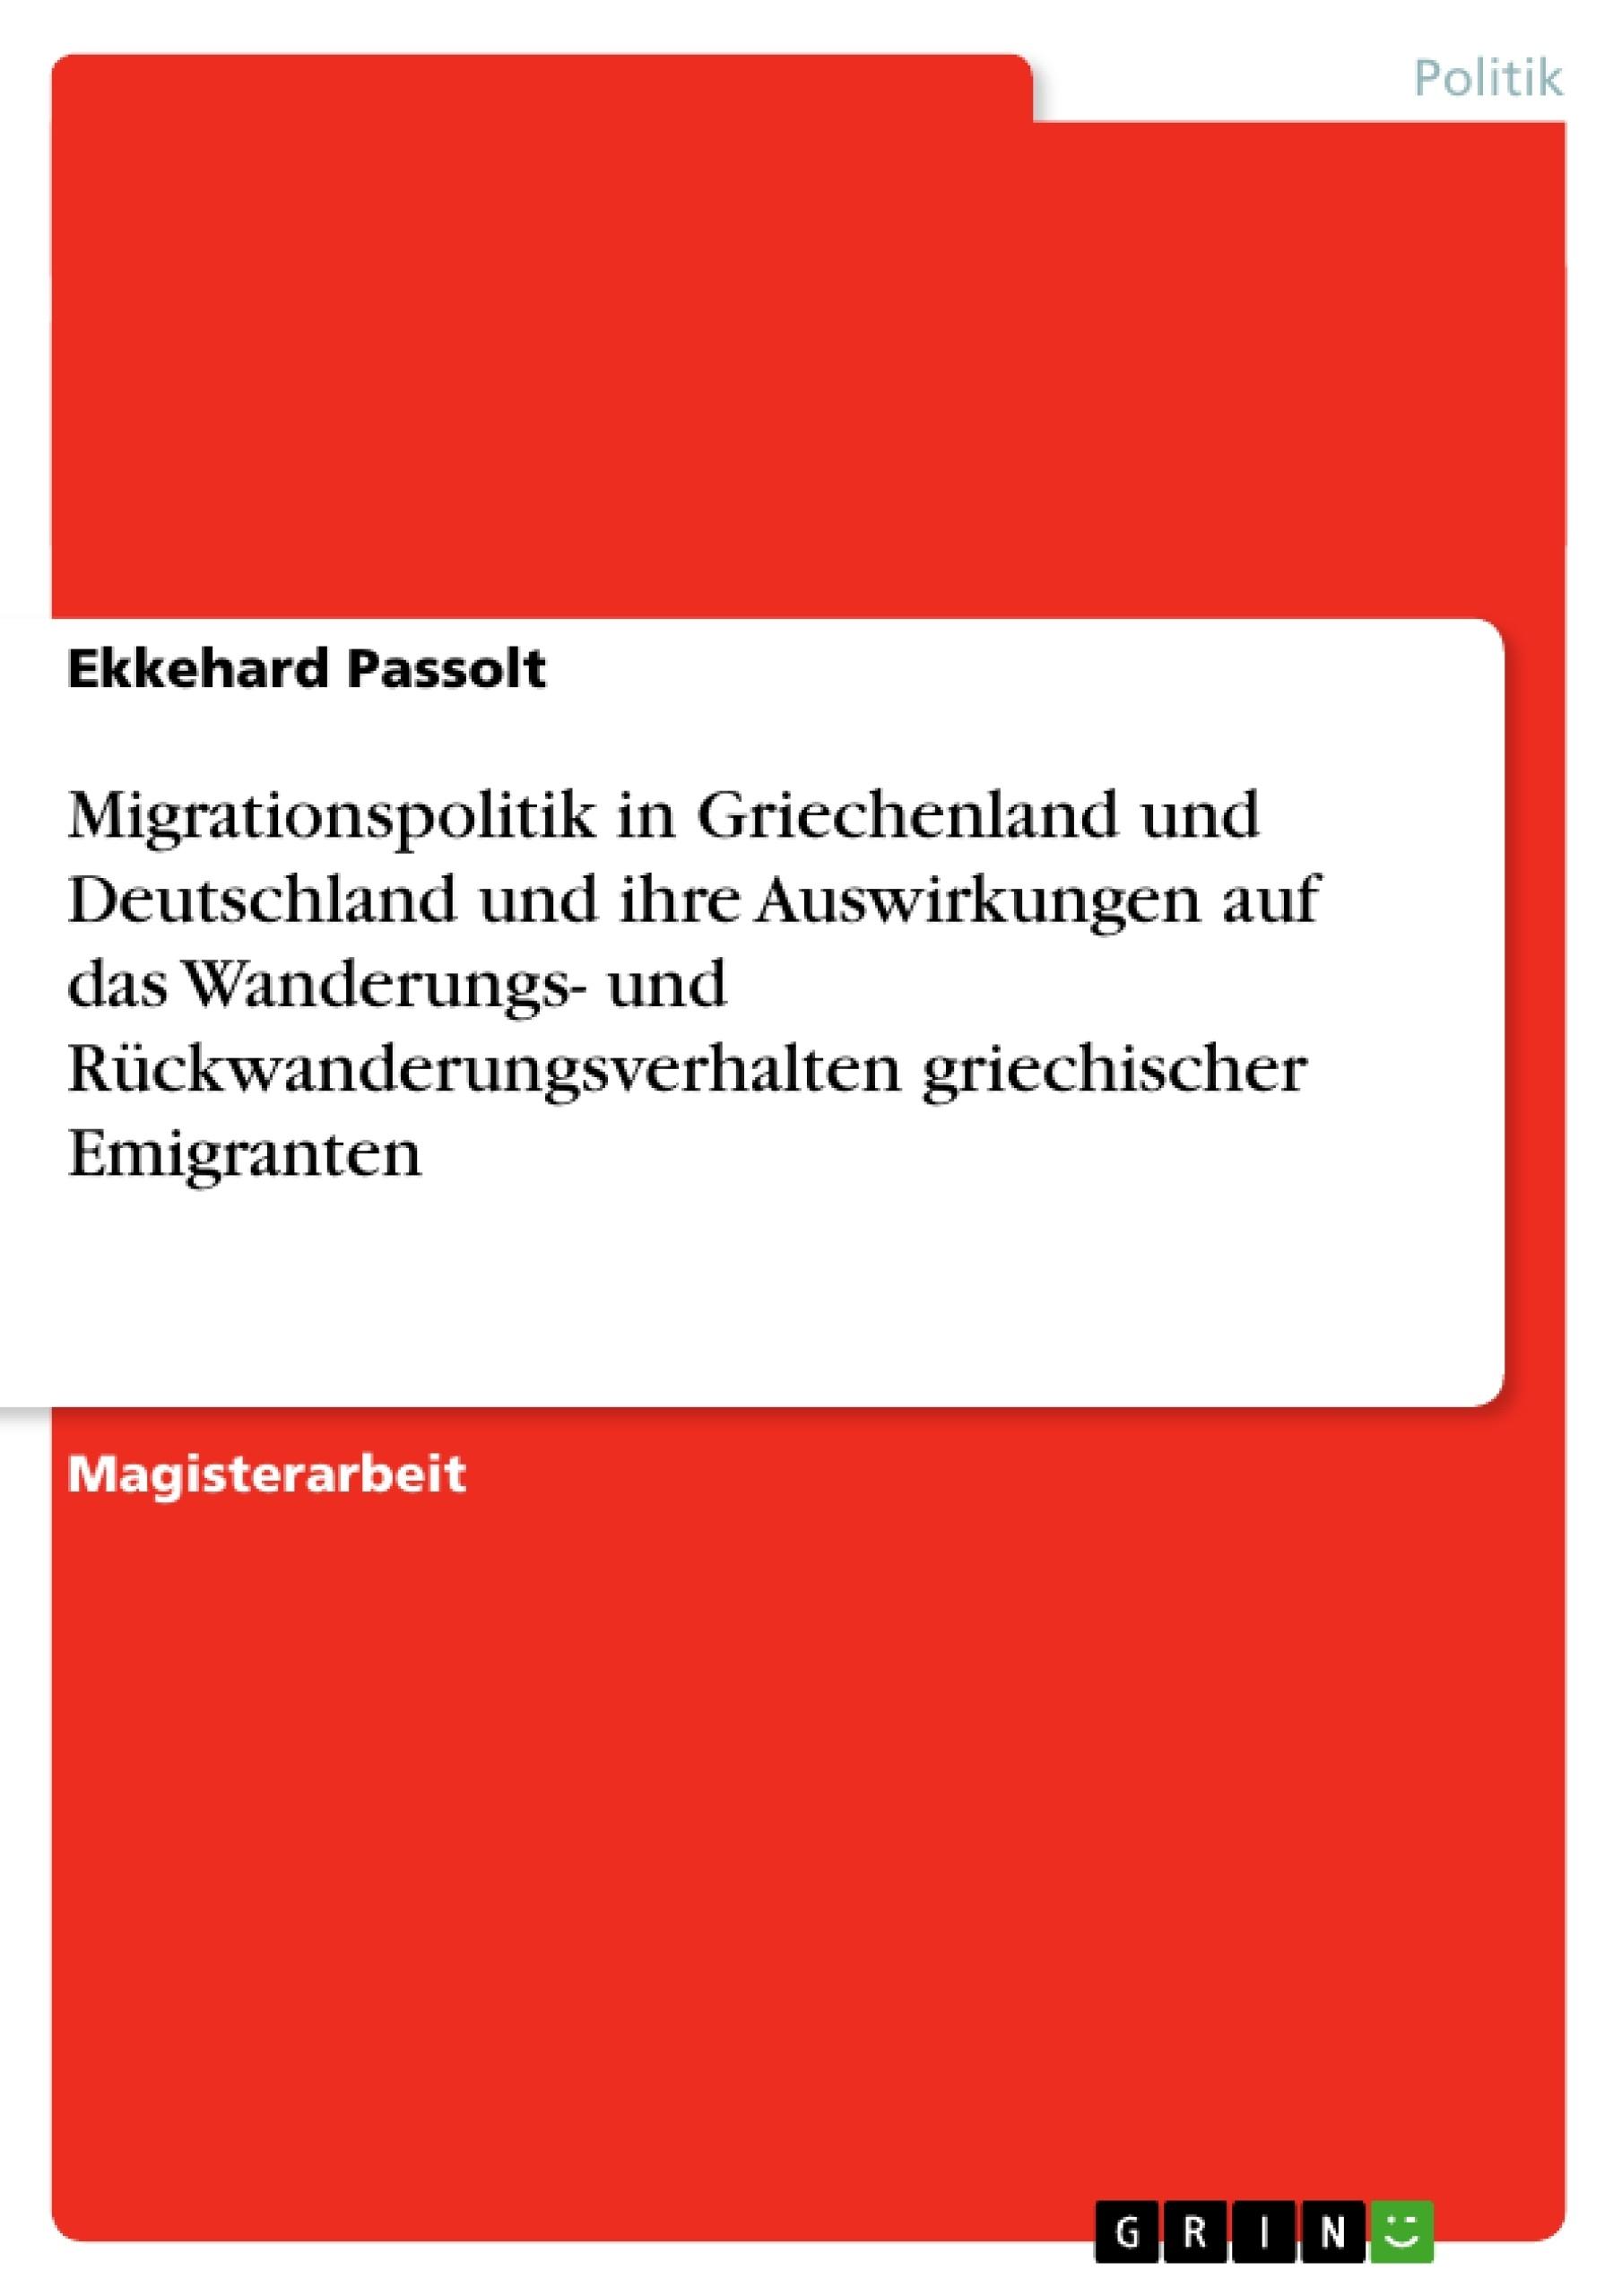 Titel: Migrationspolitik in Griechenland und Deutschland und ihre Auswirkungen auf das Wanderungs- und Rückwanderungsverhalten griechischer Emigranten